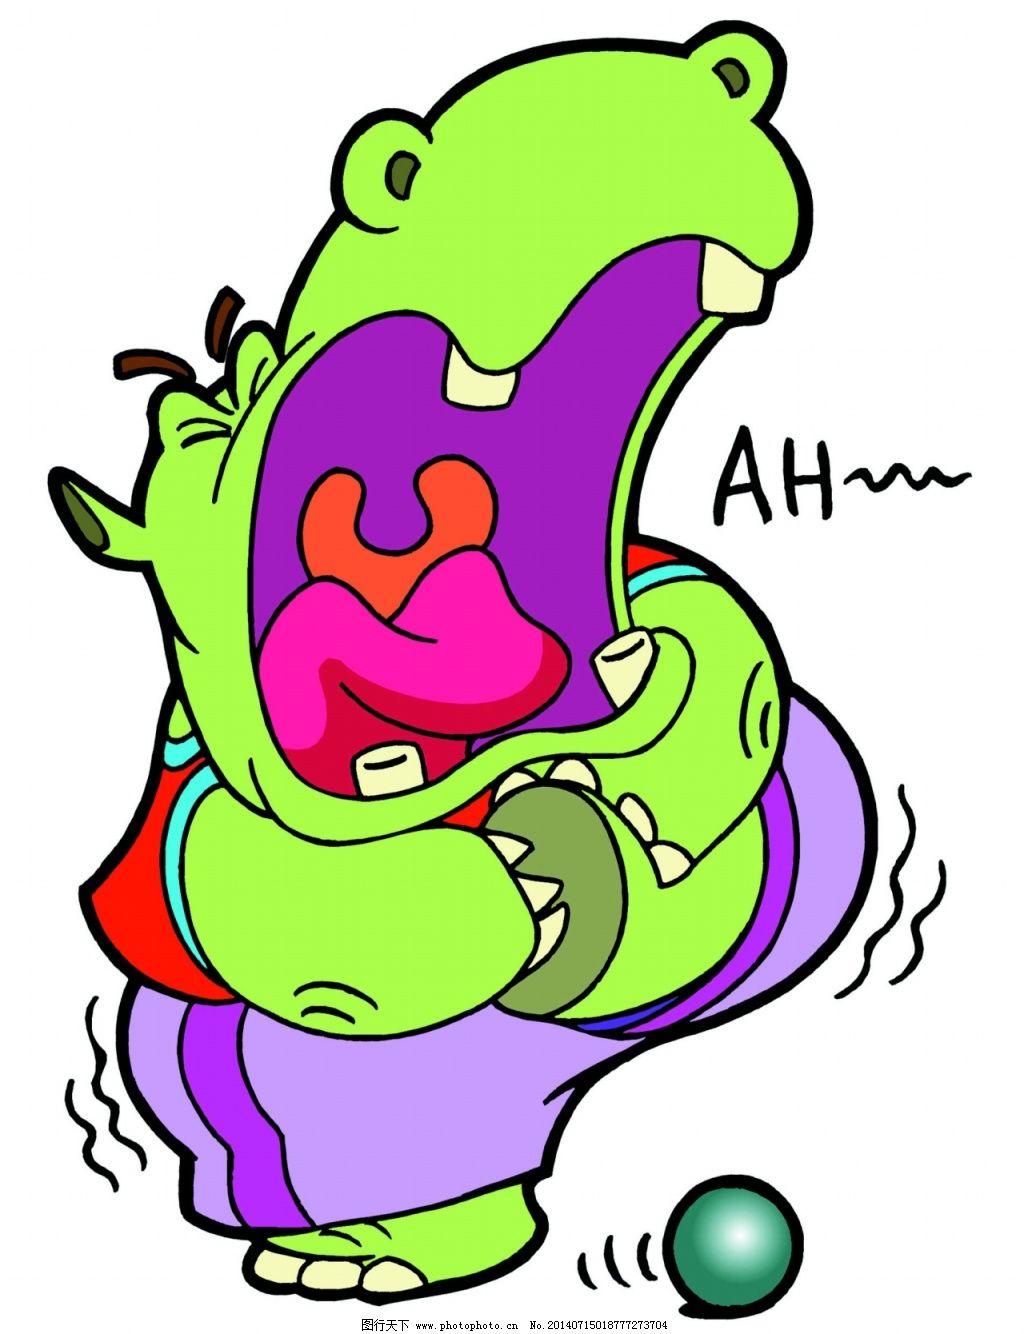 河马 河马图片免费下载 儿童绘画素材 卡通动物造型 河马卡通小动物